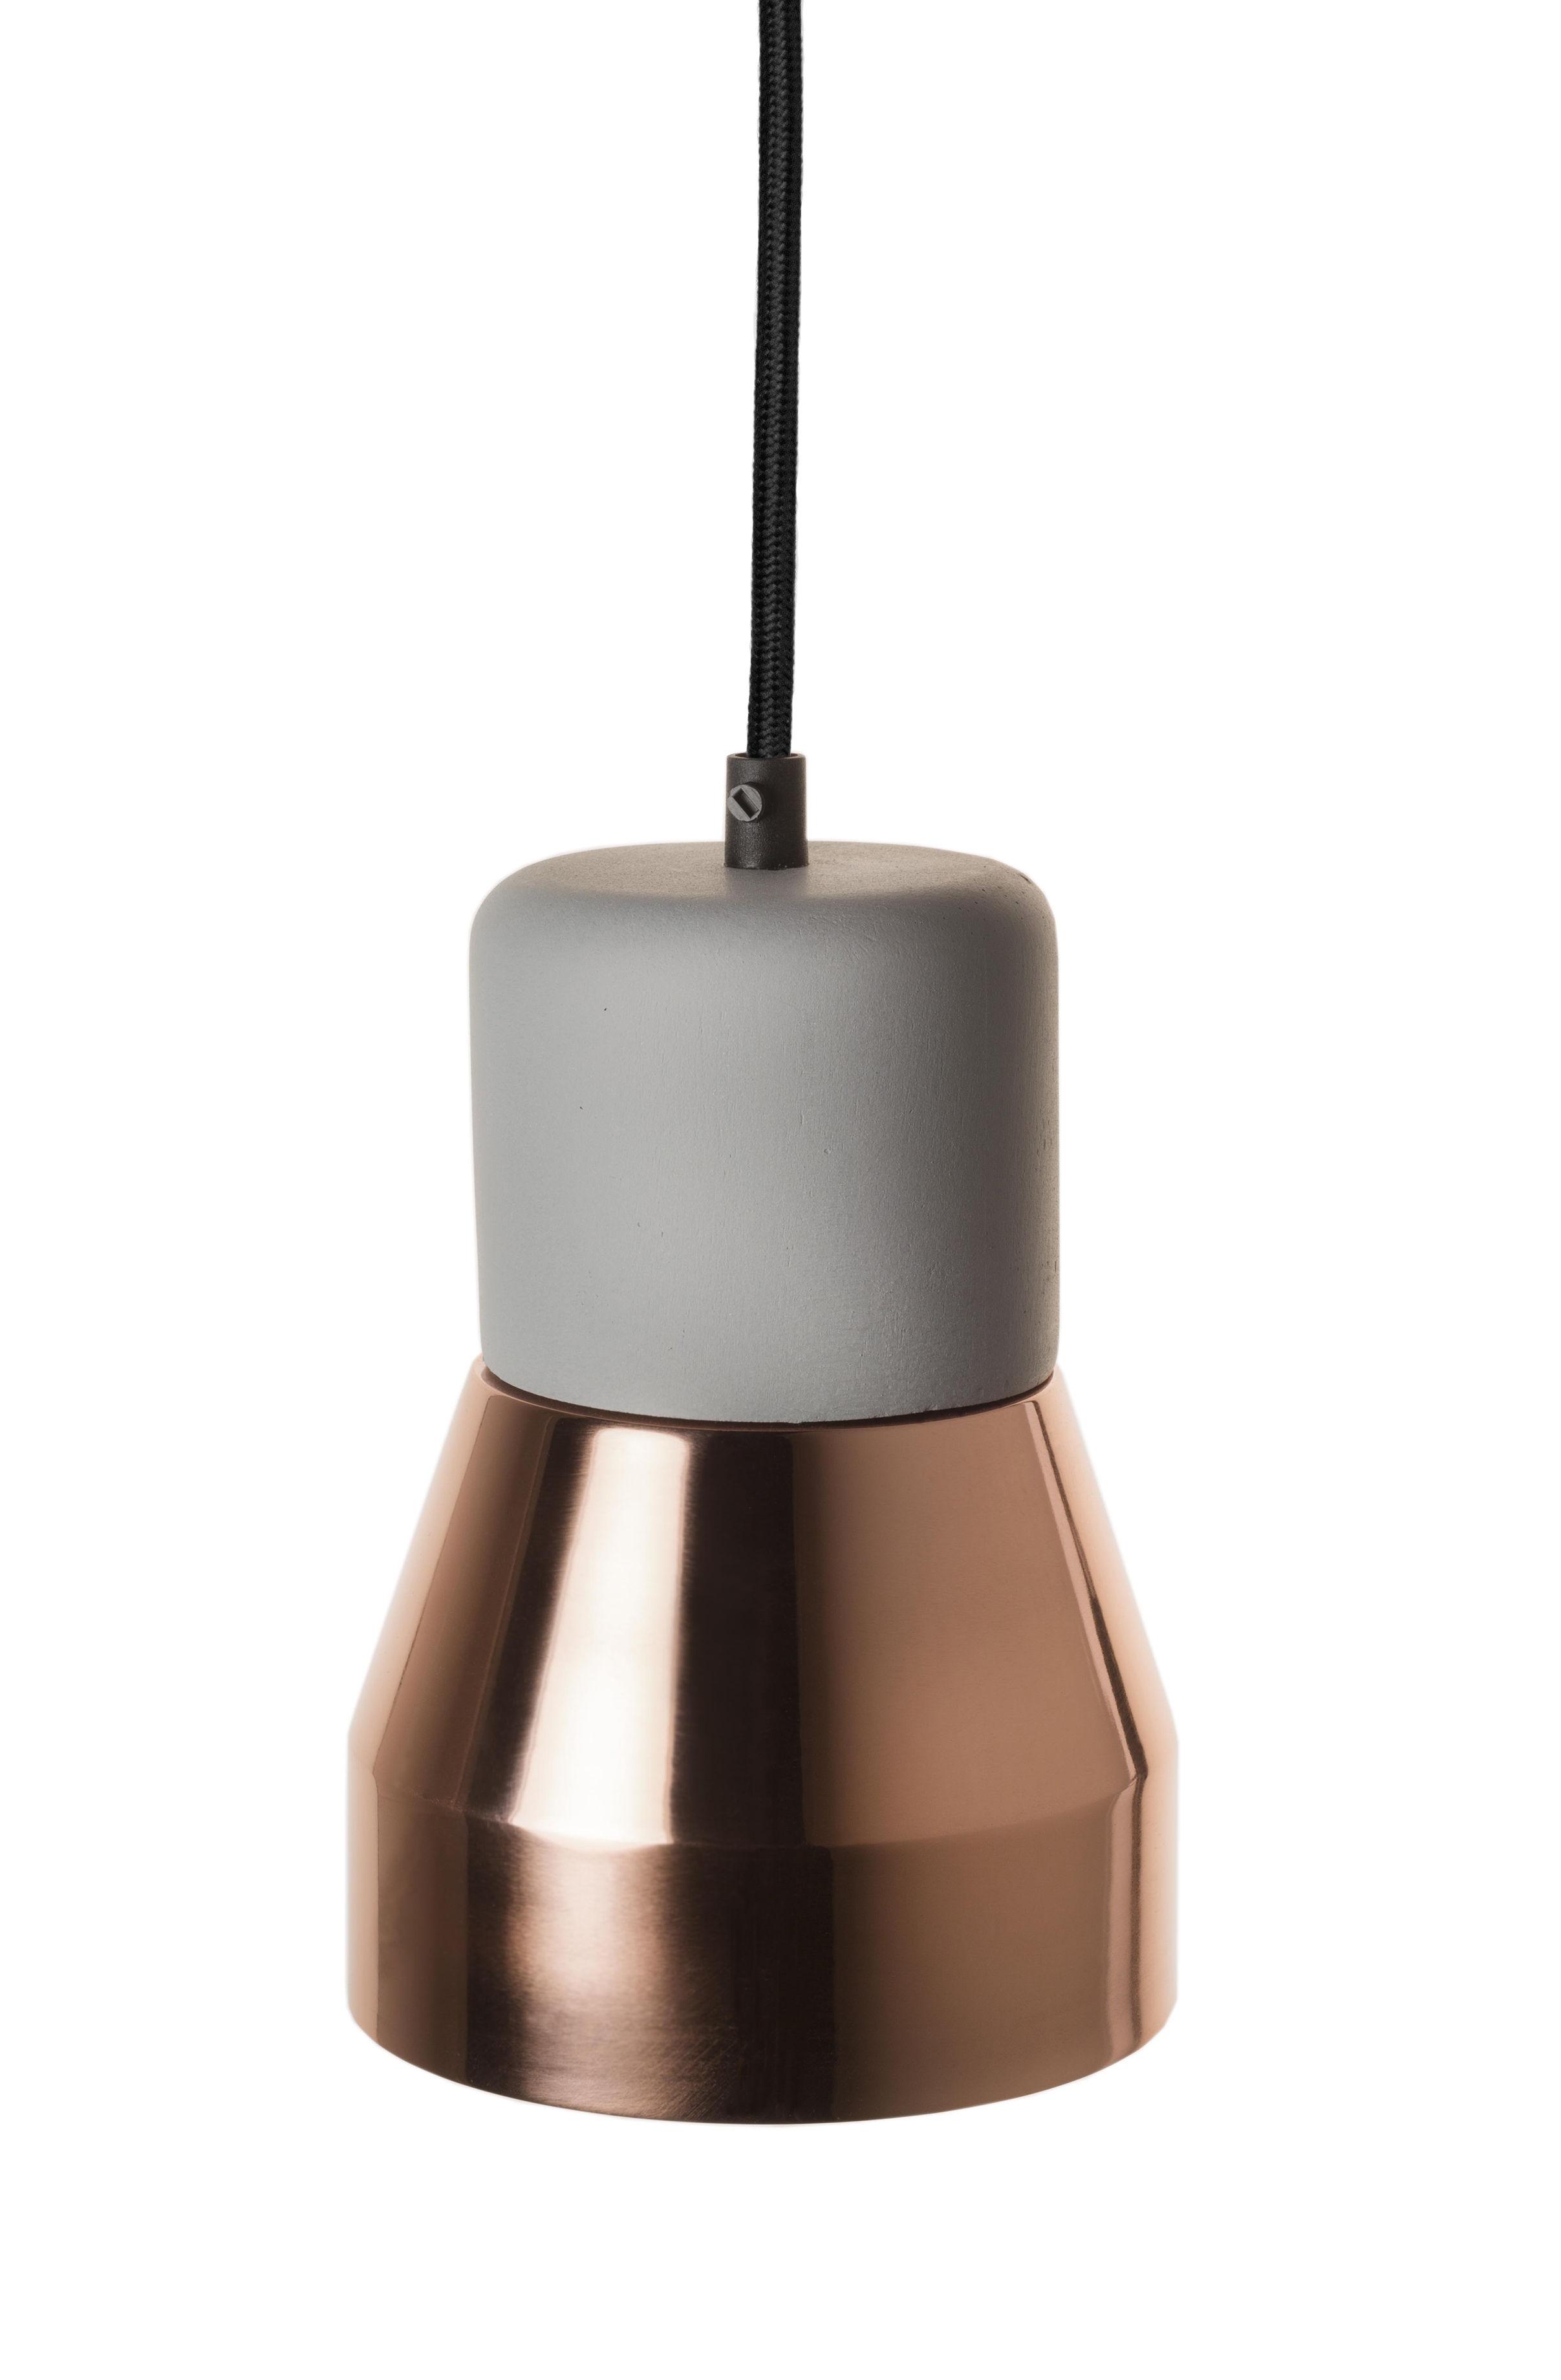 Luminaire - Suspensions - Suspension Steel Wood S / Béton & métal brillant - Ø 13 cm - Spécimen Editions - Béton gris / Cuivre brillant - Béton, Métal peint